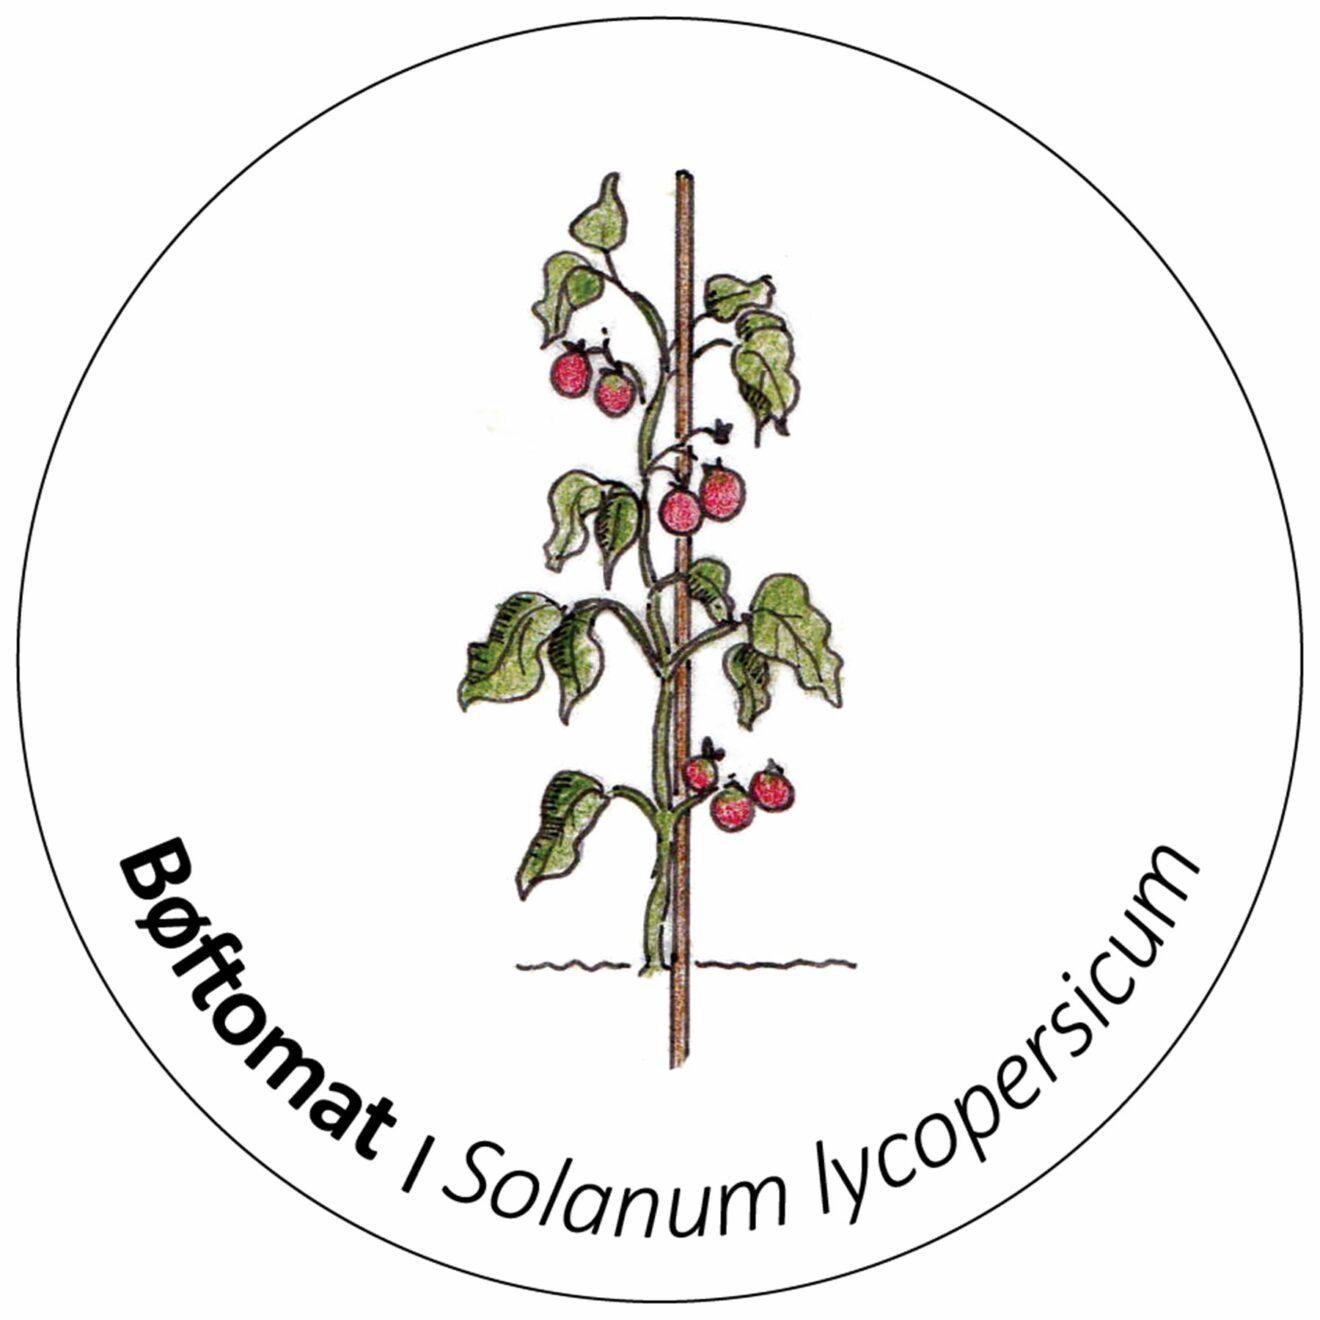 Bøftomat_Web